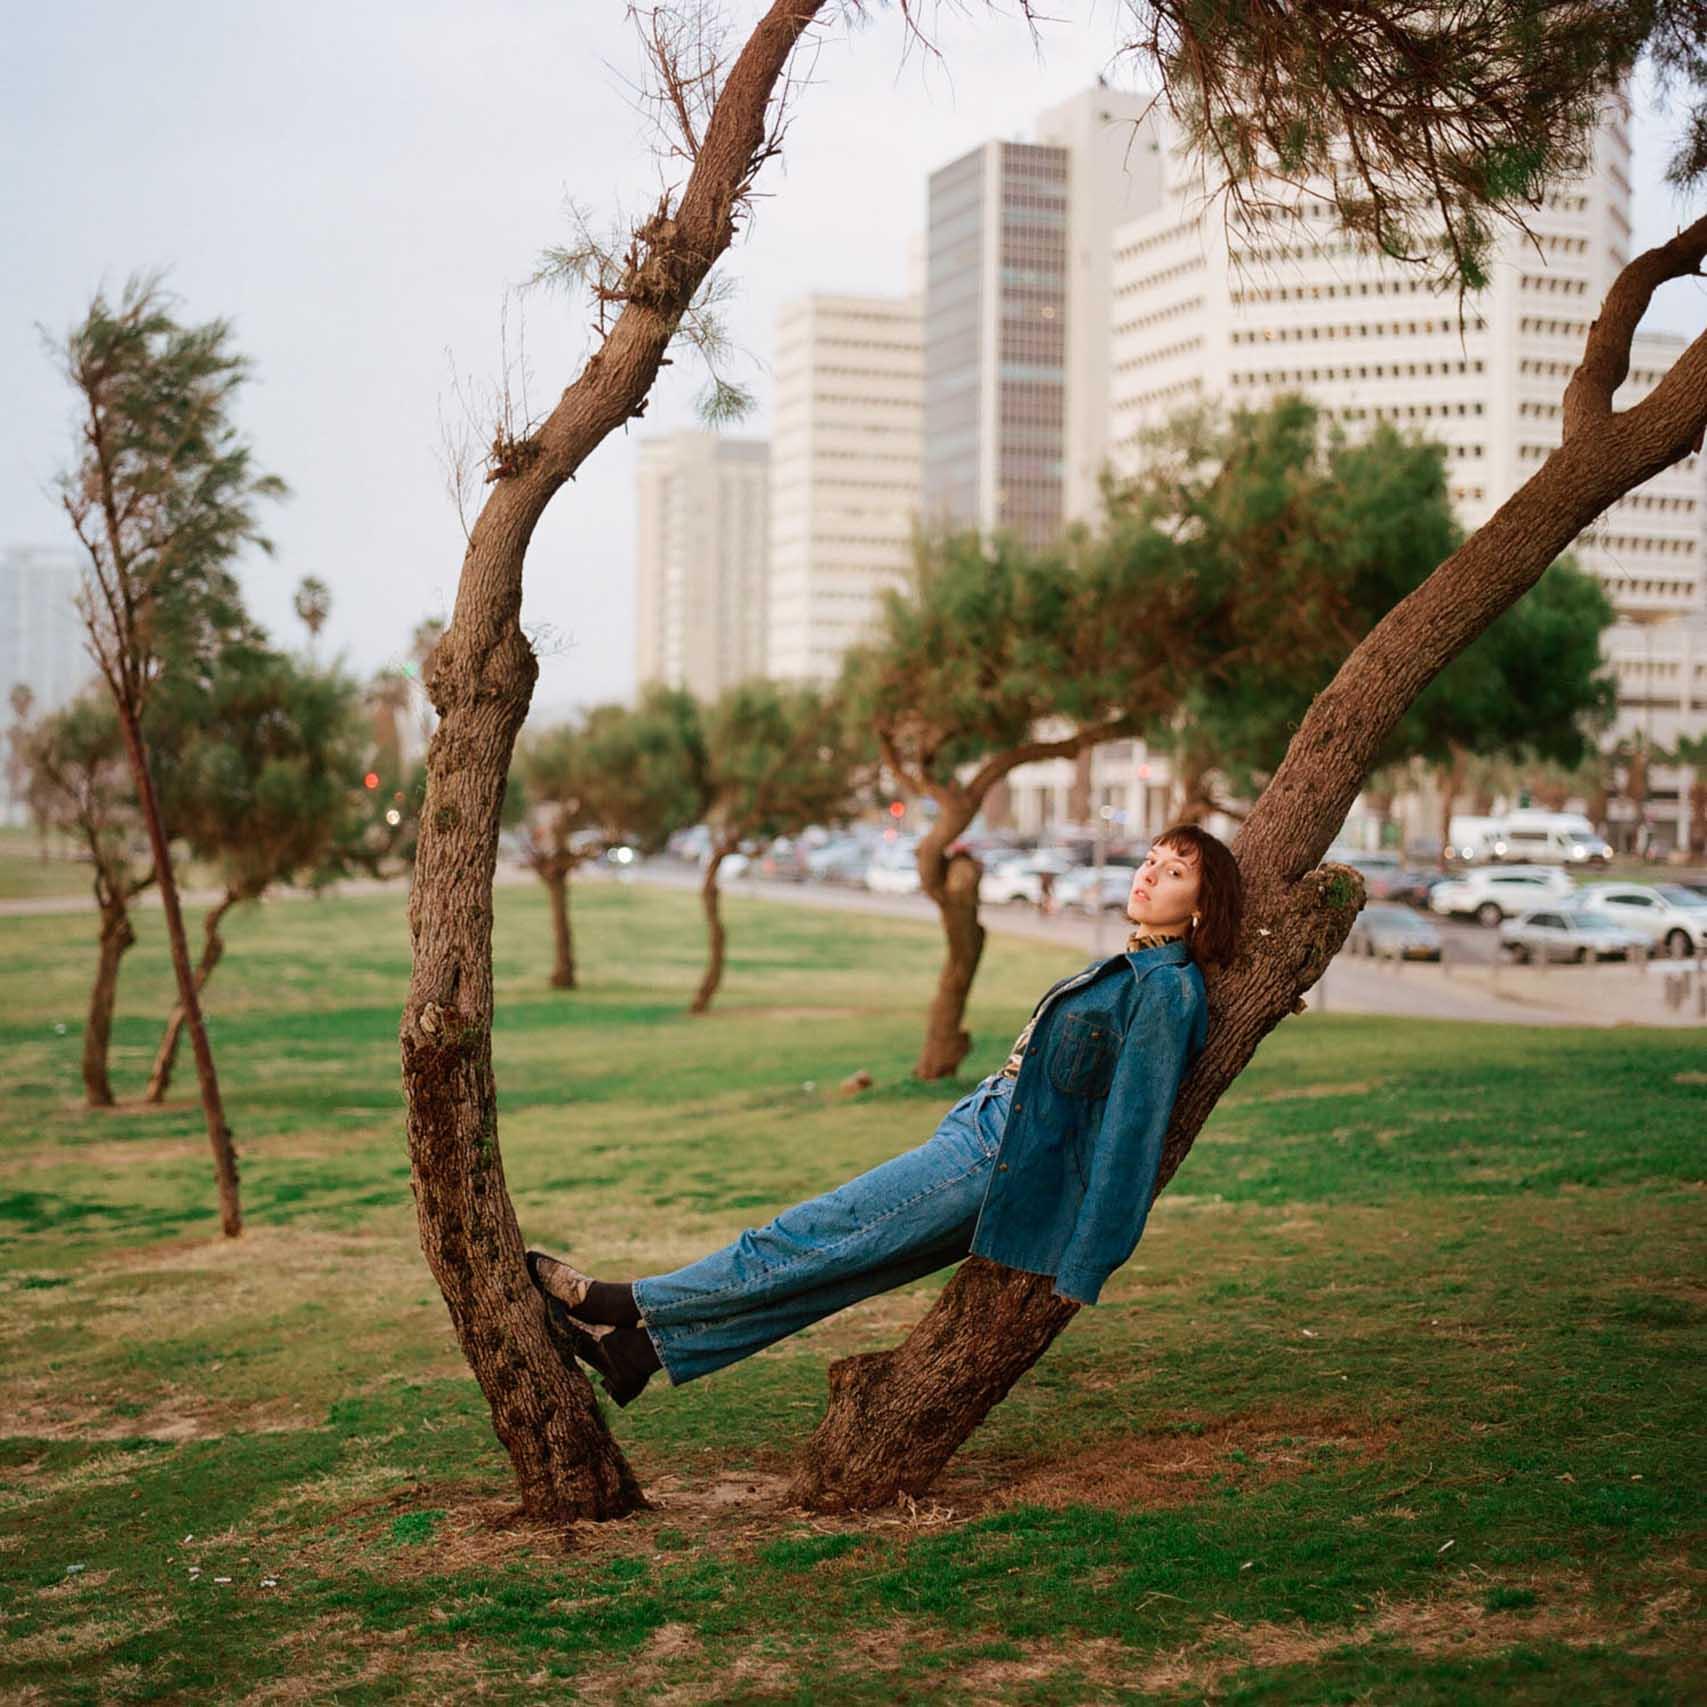 הפקות אופנה, צילום: עוז ברק, דוגמנית: Christina Hlybova, אופנה: ונטה -מגזין אופנה ישראלי - 3